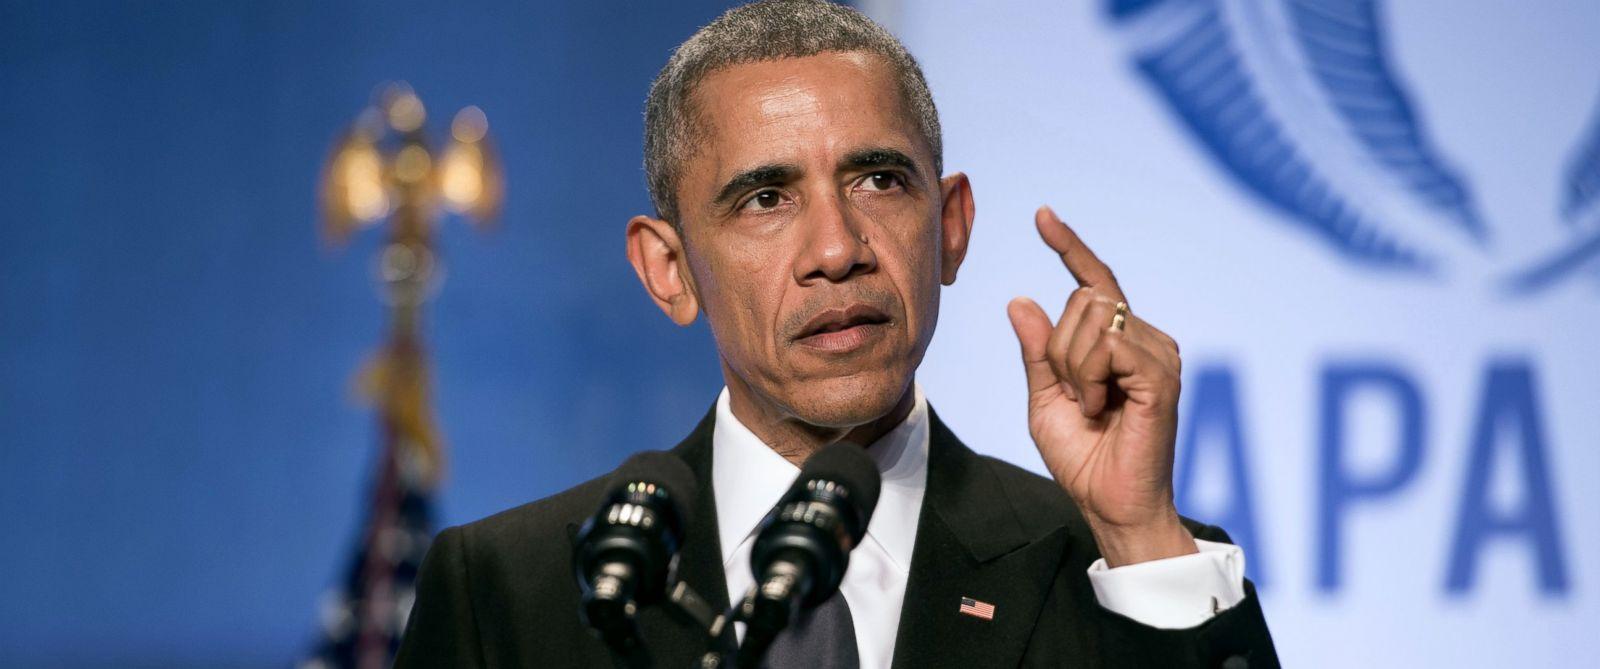 Obama, Erdoğan'a yardım teklif etti